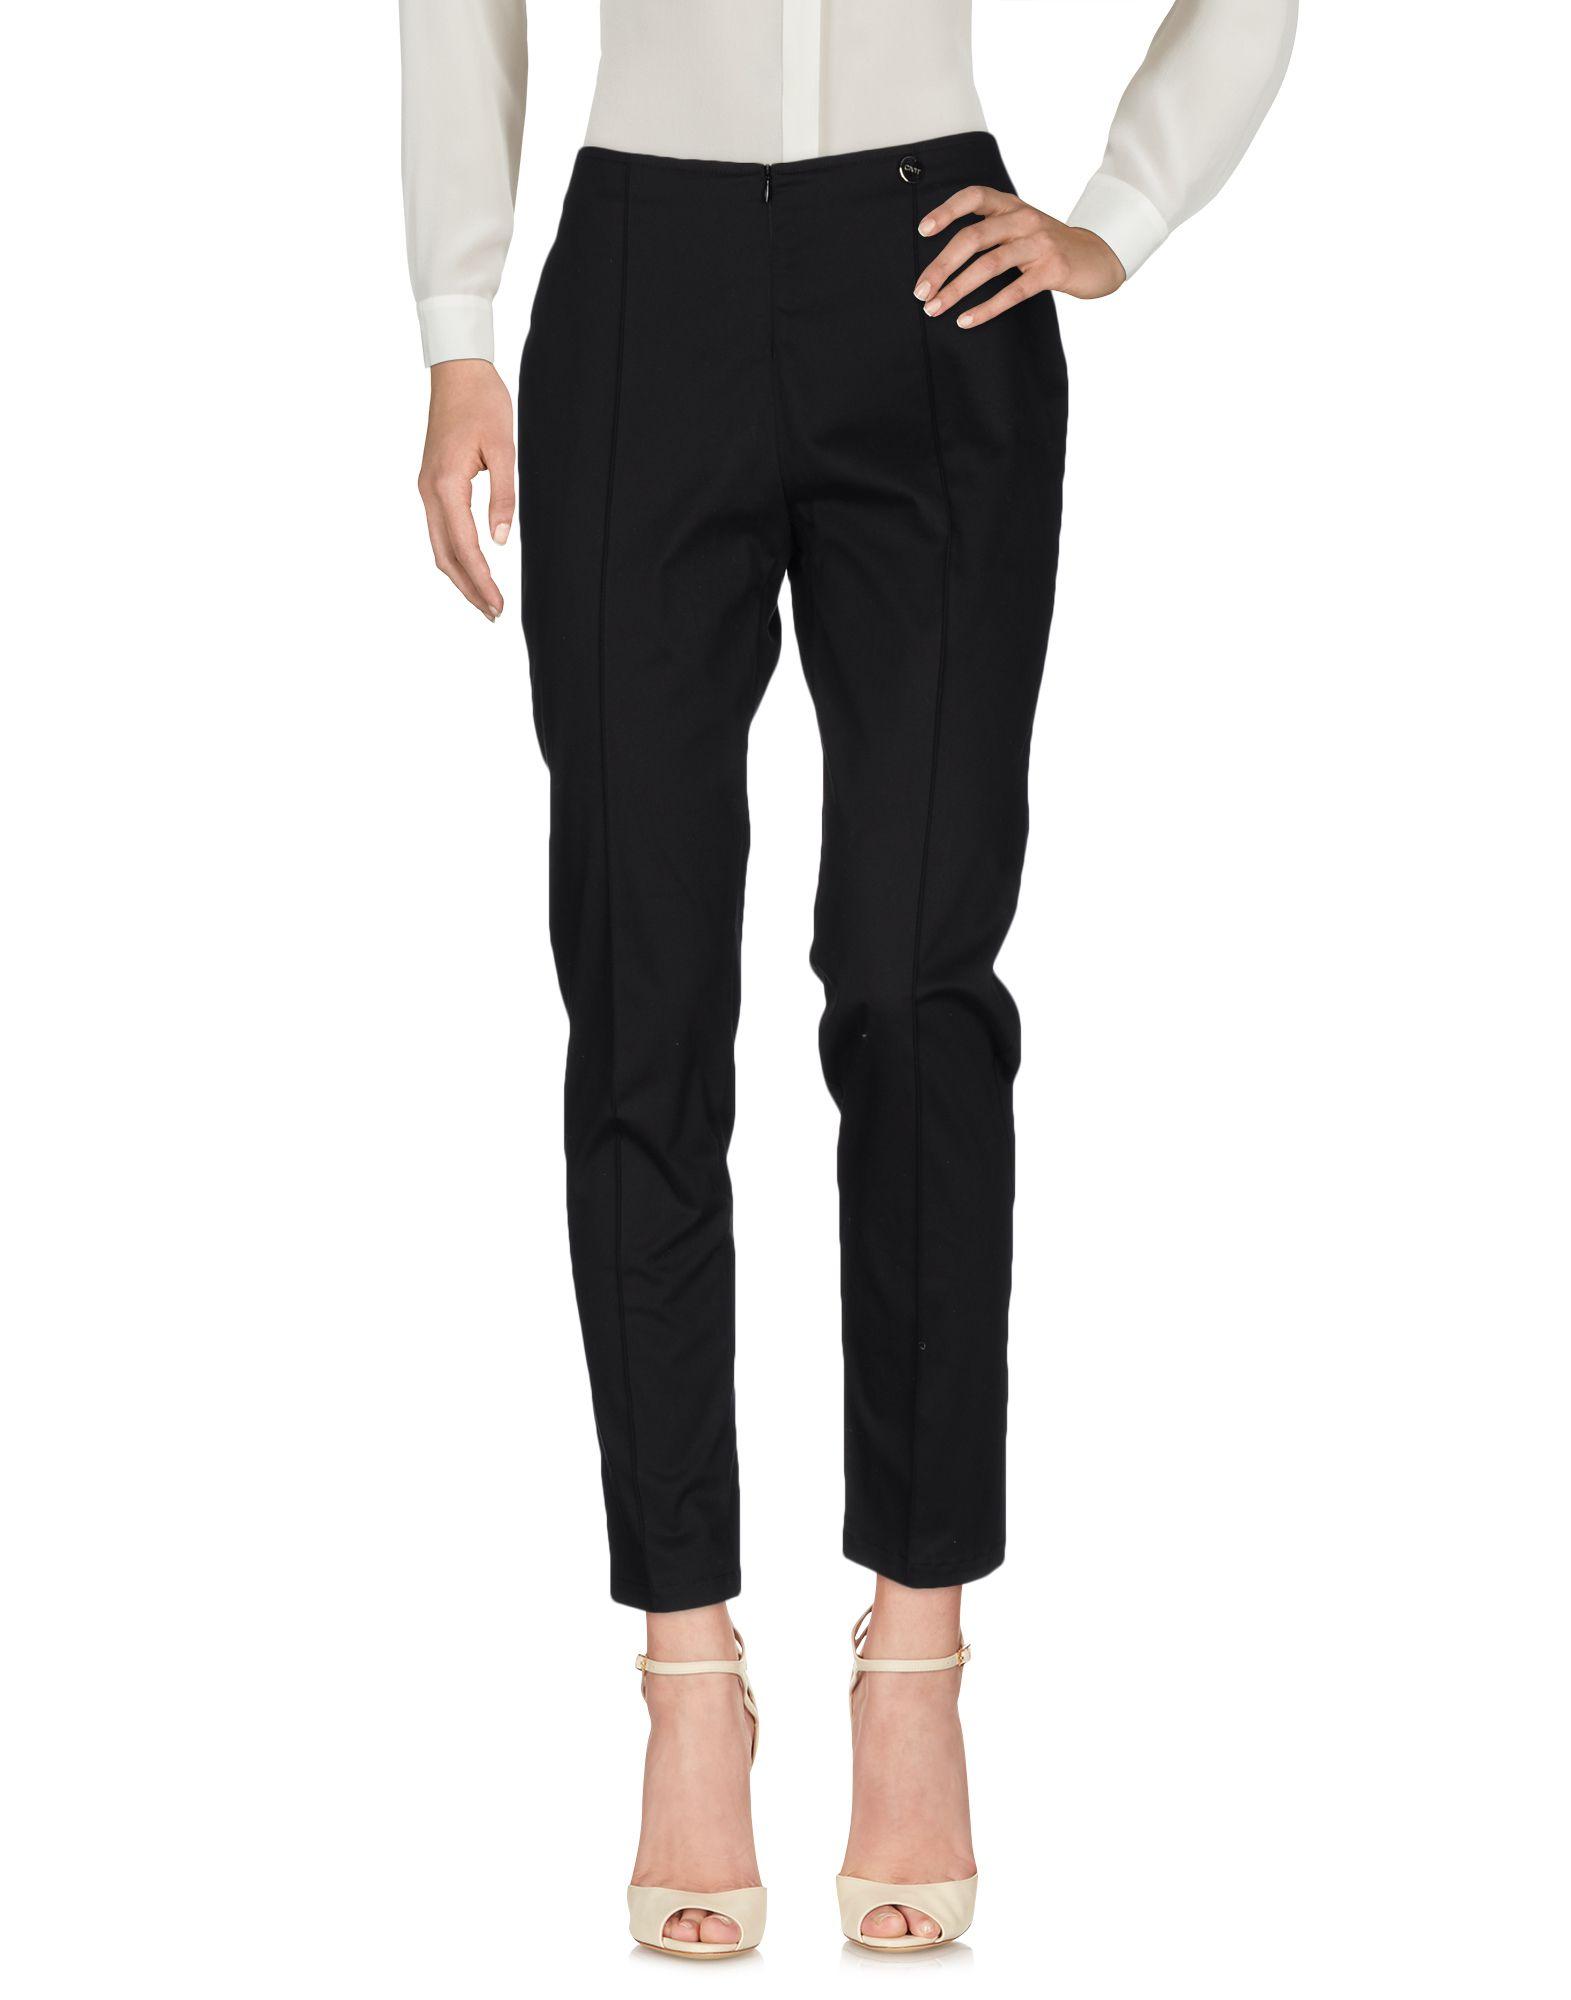 CIVIT Damen Hose Farbe Schwarz Größe 8 - broschei